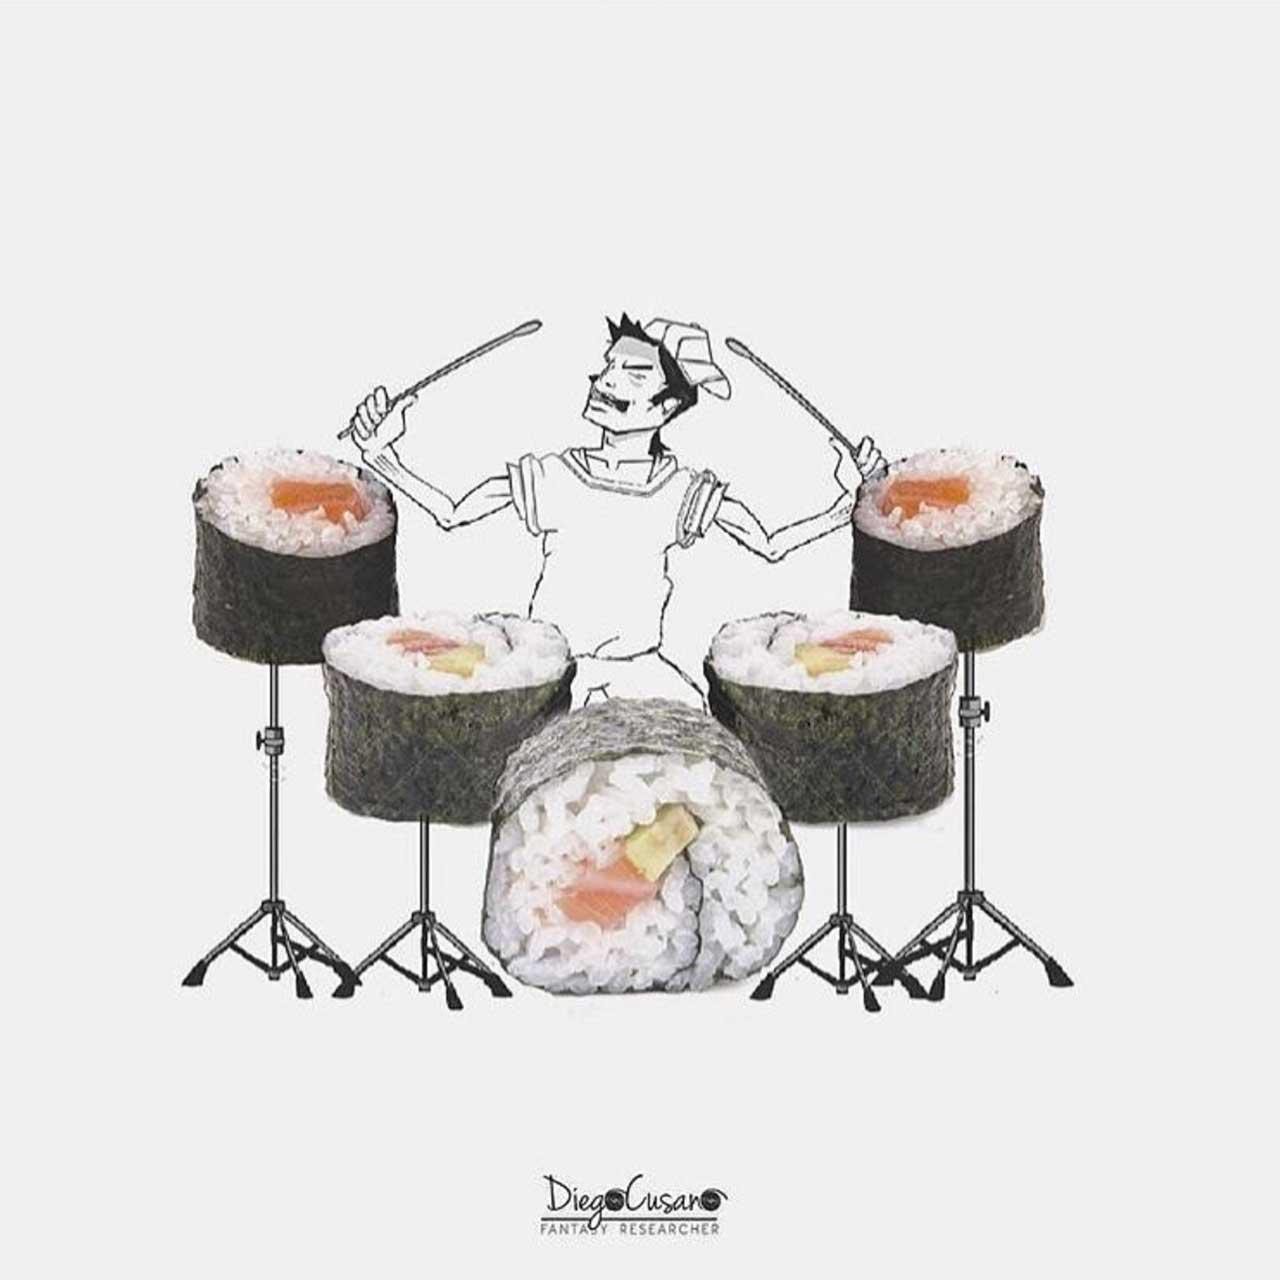 Diego Cusano vermischt Alltagsgegenstände mit Zeichnungen Diego-Cusano-alltagsdinge-treffen-zeichnungen_02